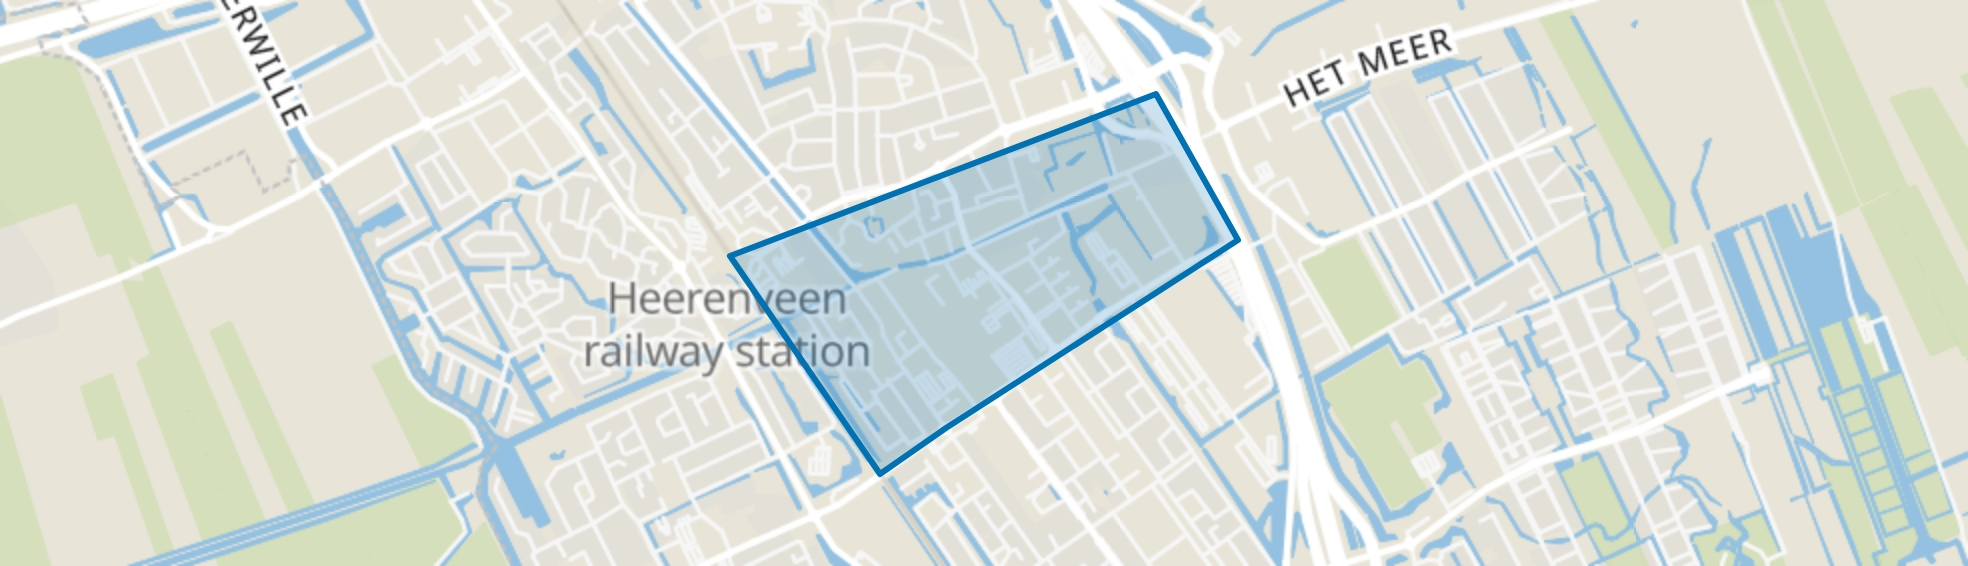 Centrum, Heerenveen map